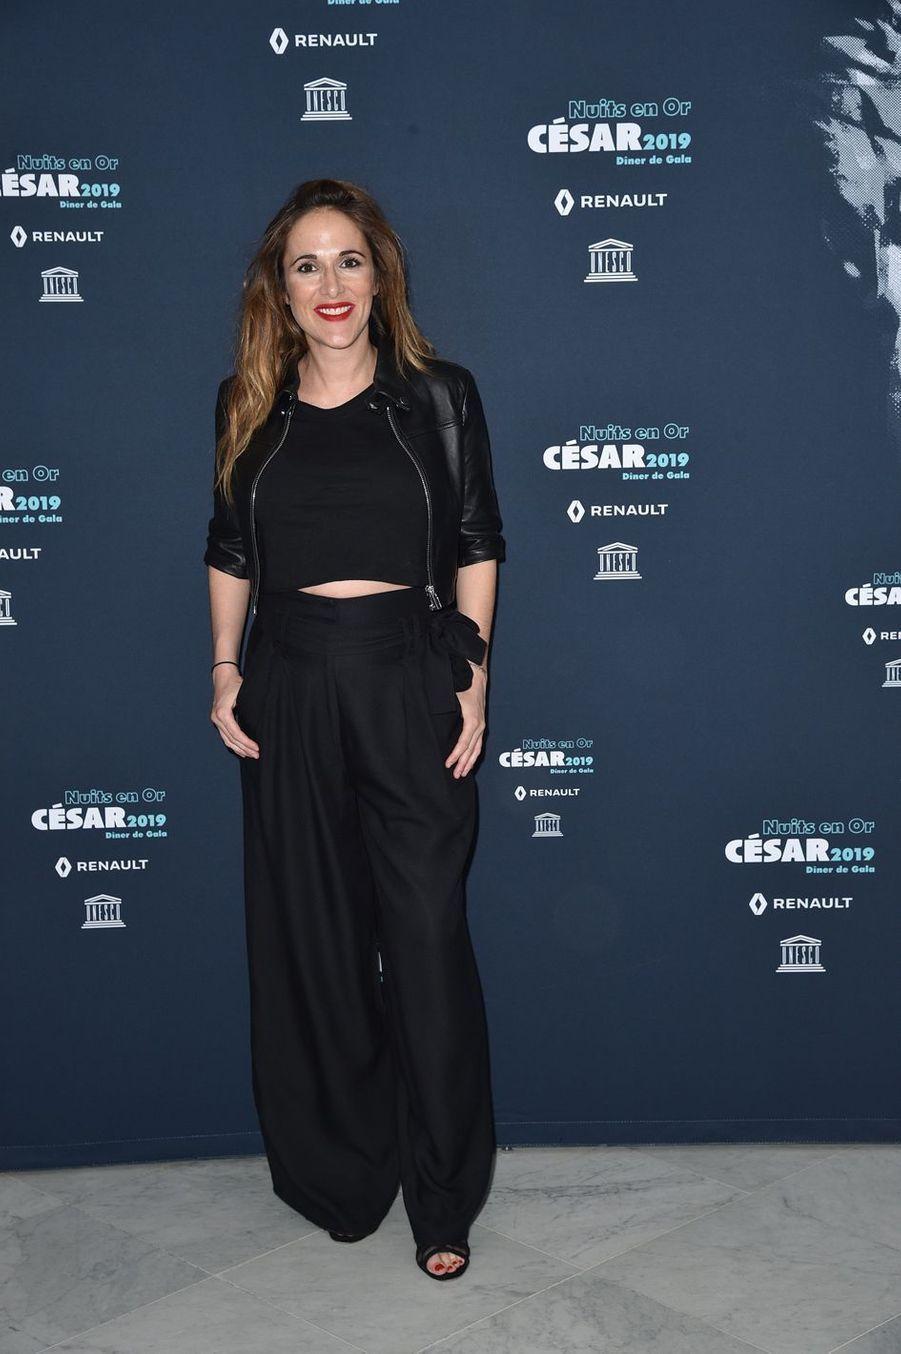 Victoria Bedosaux Nuits en Or à l'UNESCO, le 17 juin 2019.